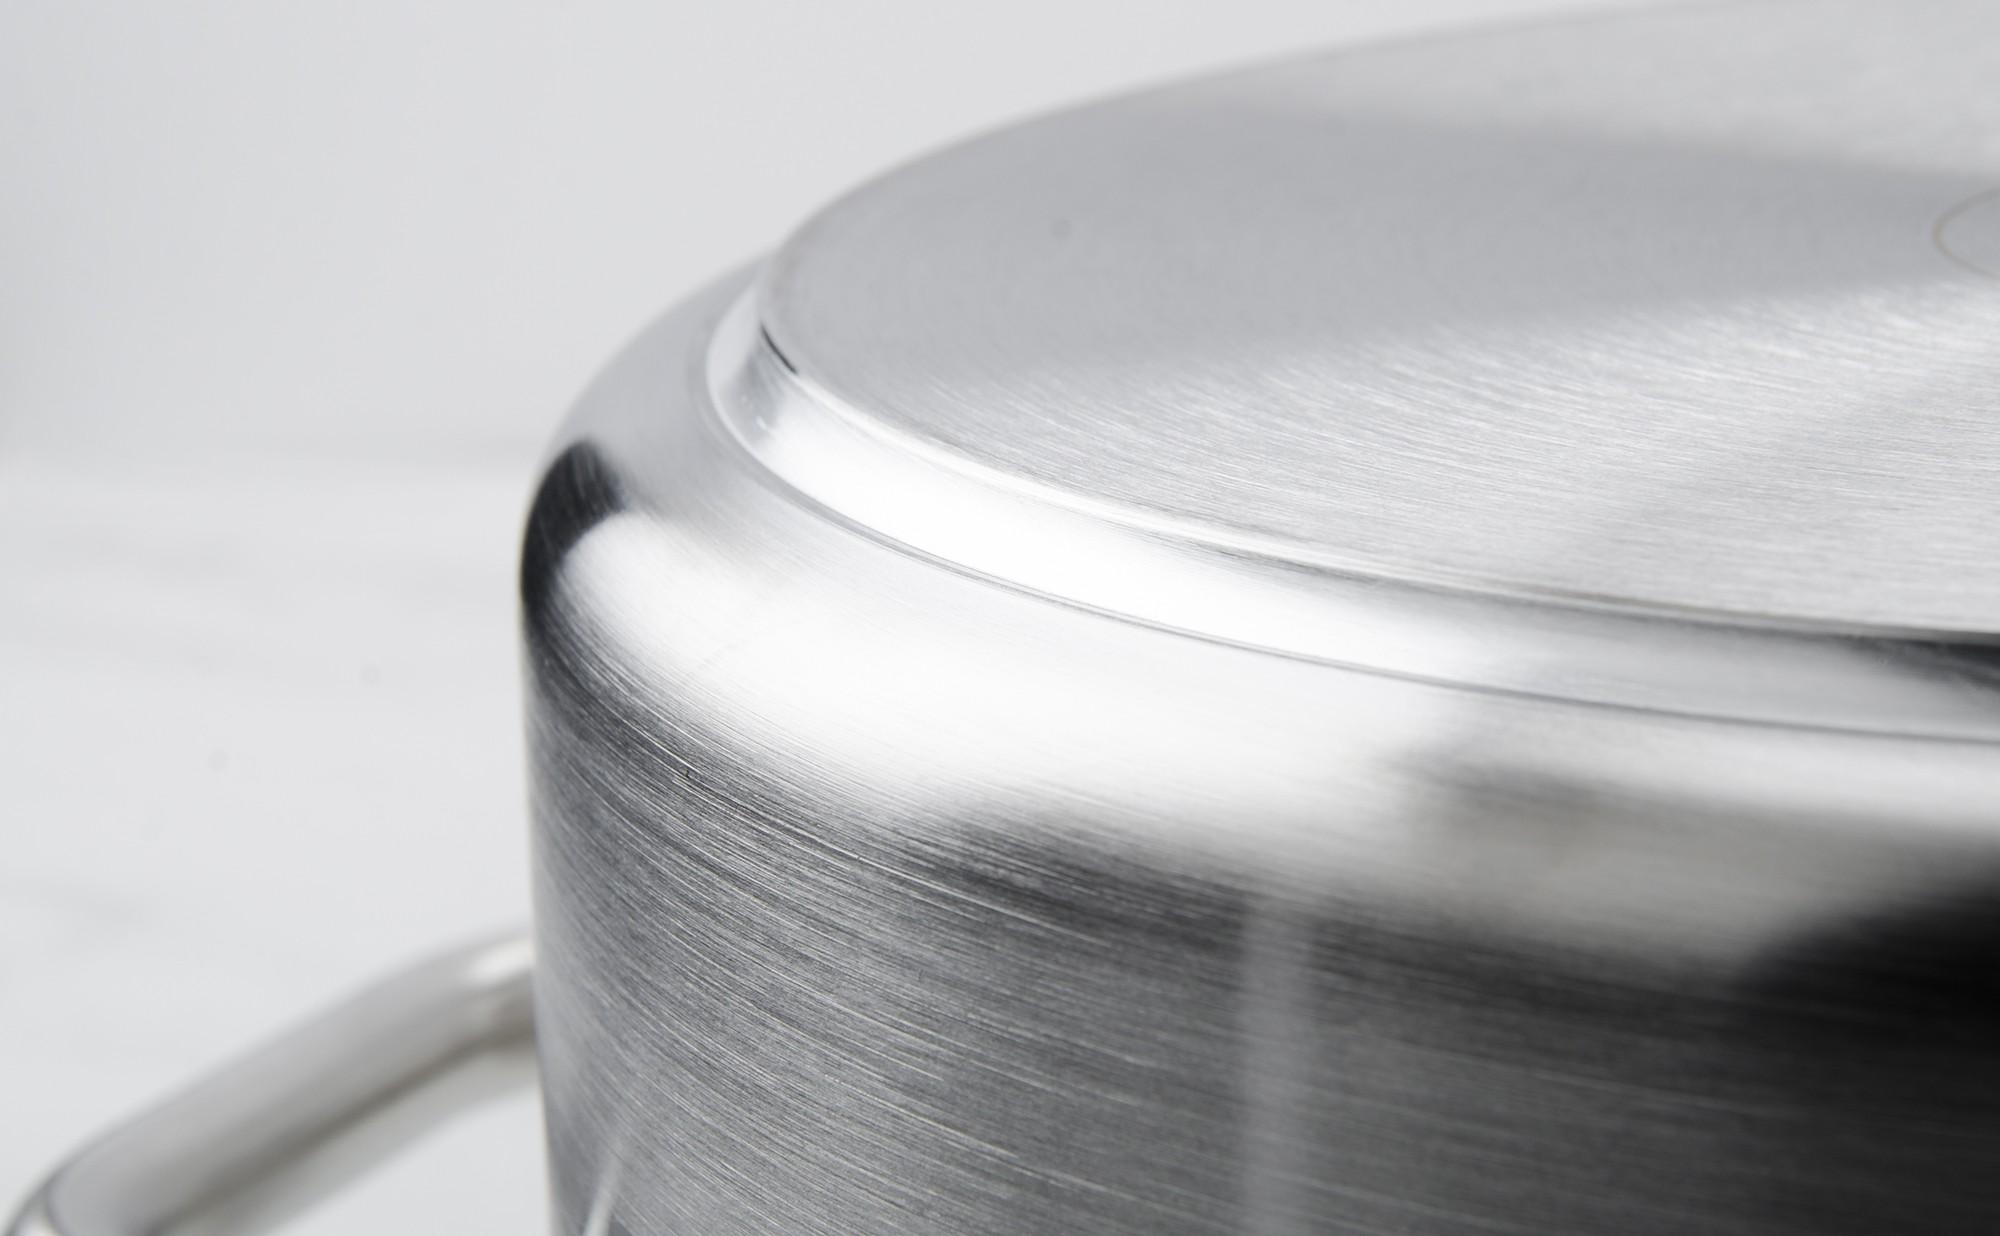 Rondeau de cuisine professionnel diam tre 36 cm colichef for Plat inox cuisine professionnel